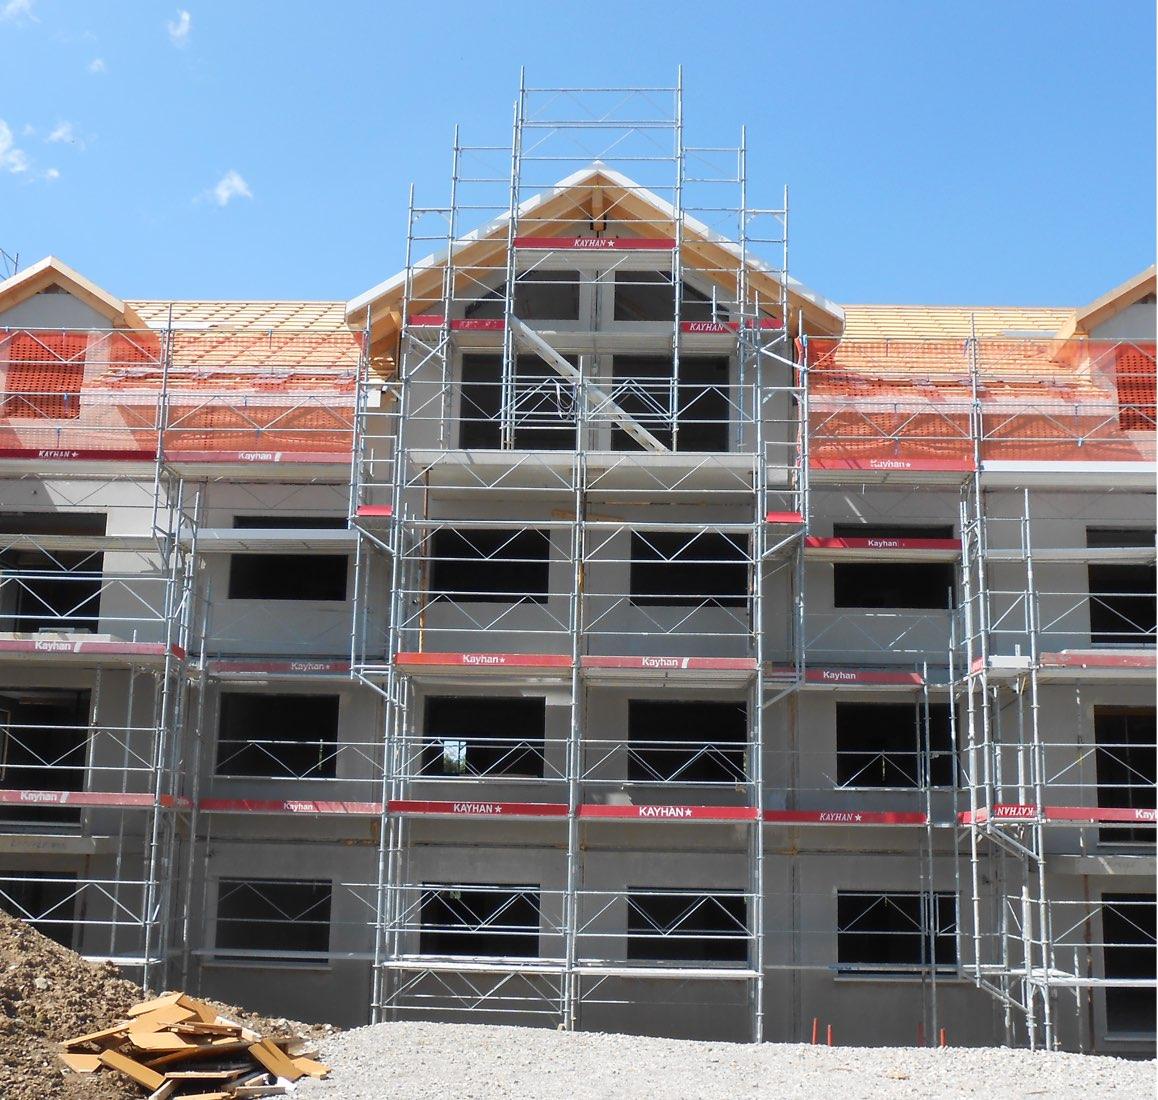 Prologis — Notre service de construction d'immeubles — Le préfabriqué, gage de qualité